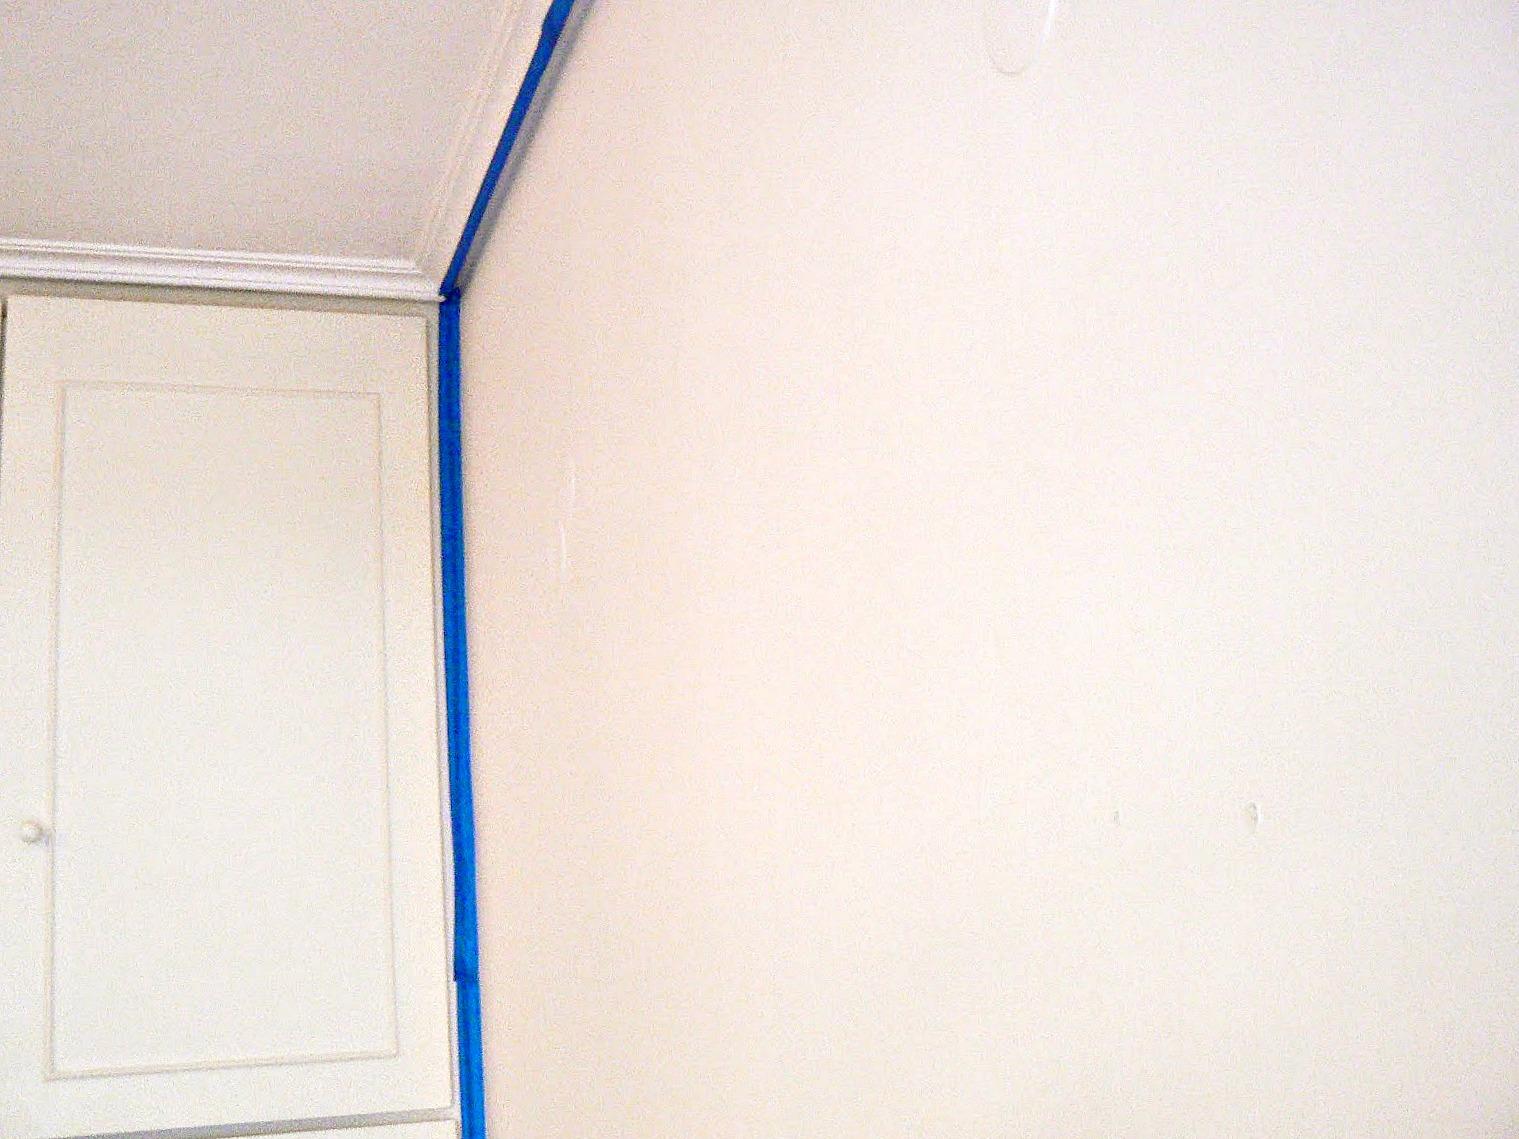 Προετοιμασία τοίχου για βάψιμο